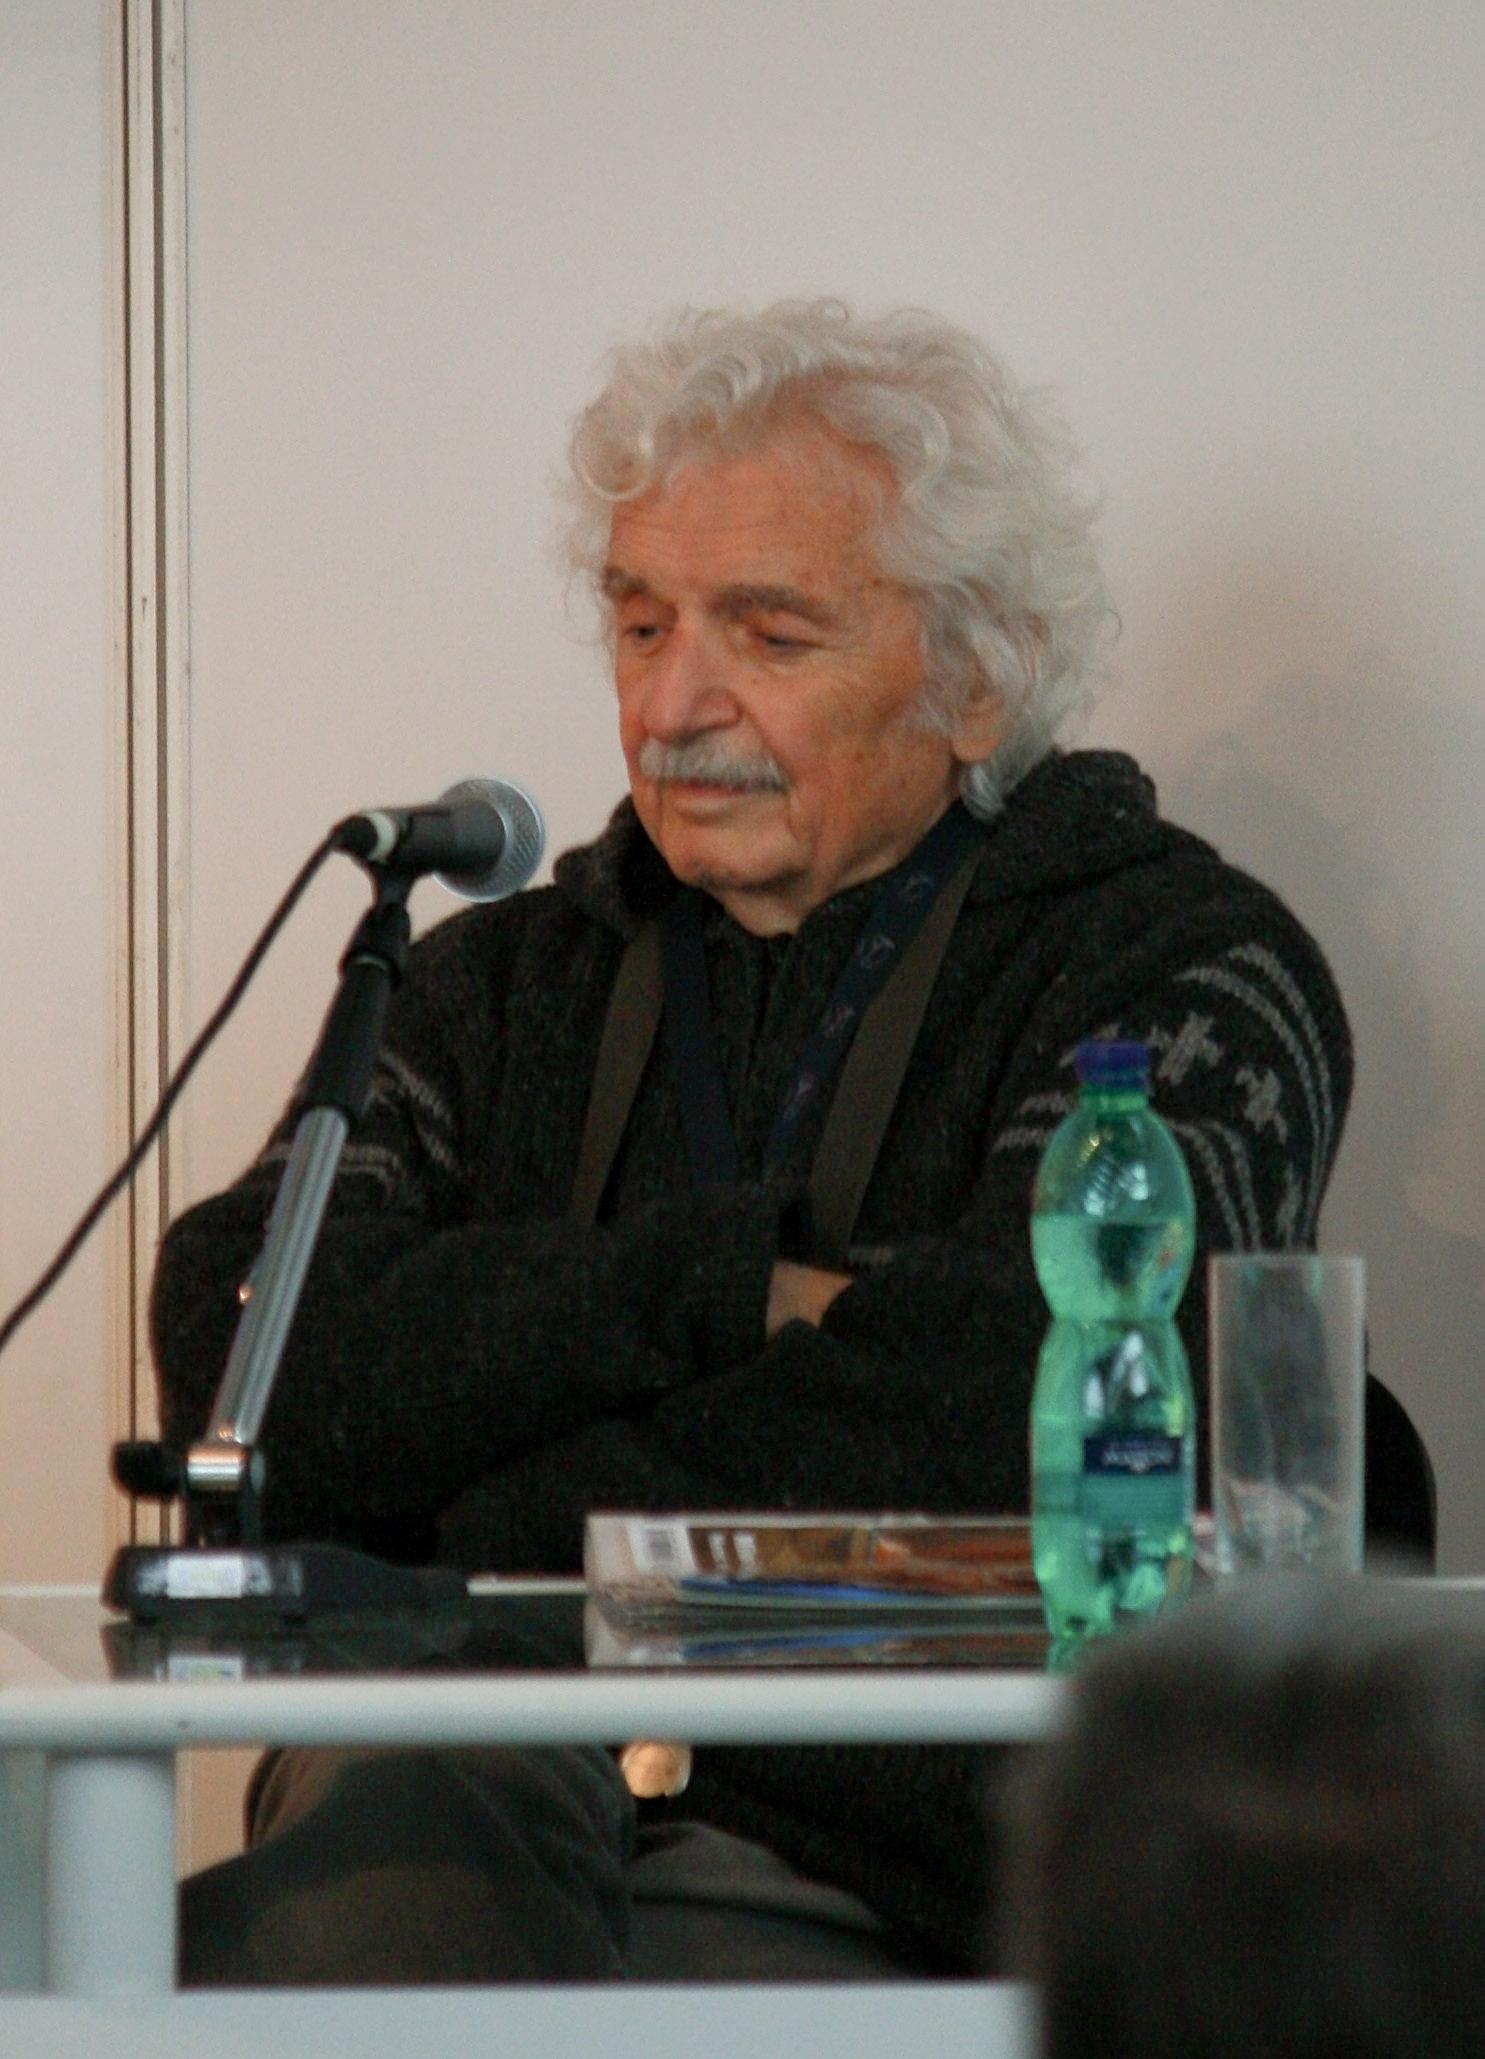 Ladislav Smoljak in 2010